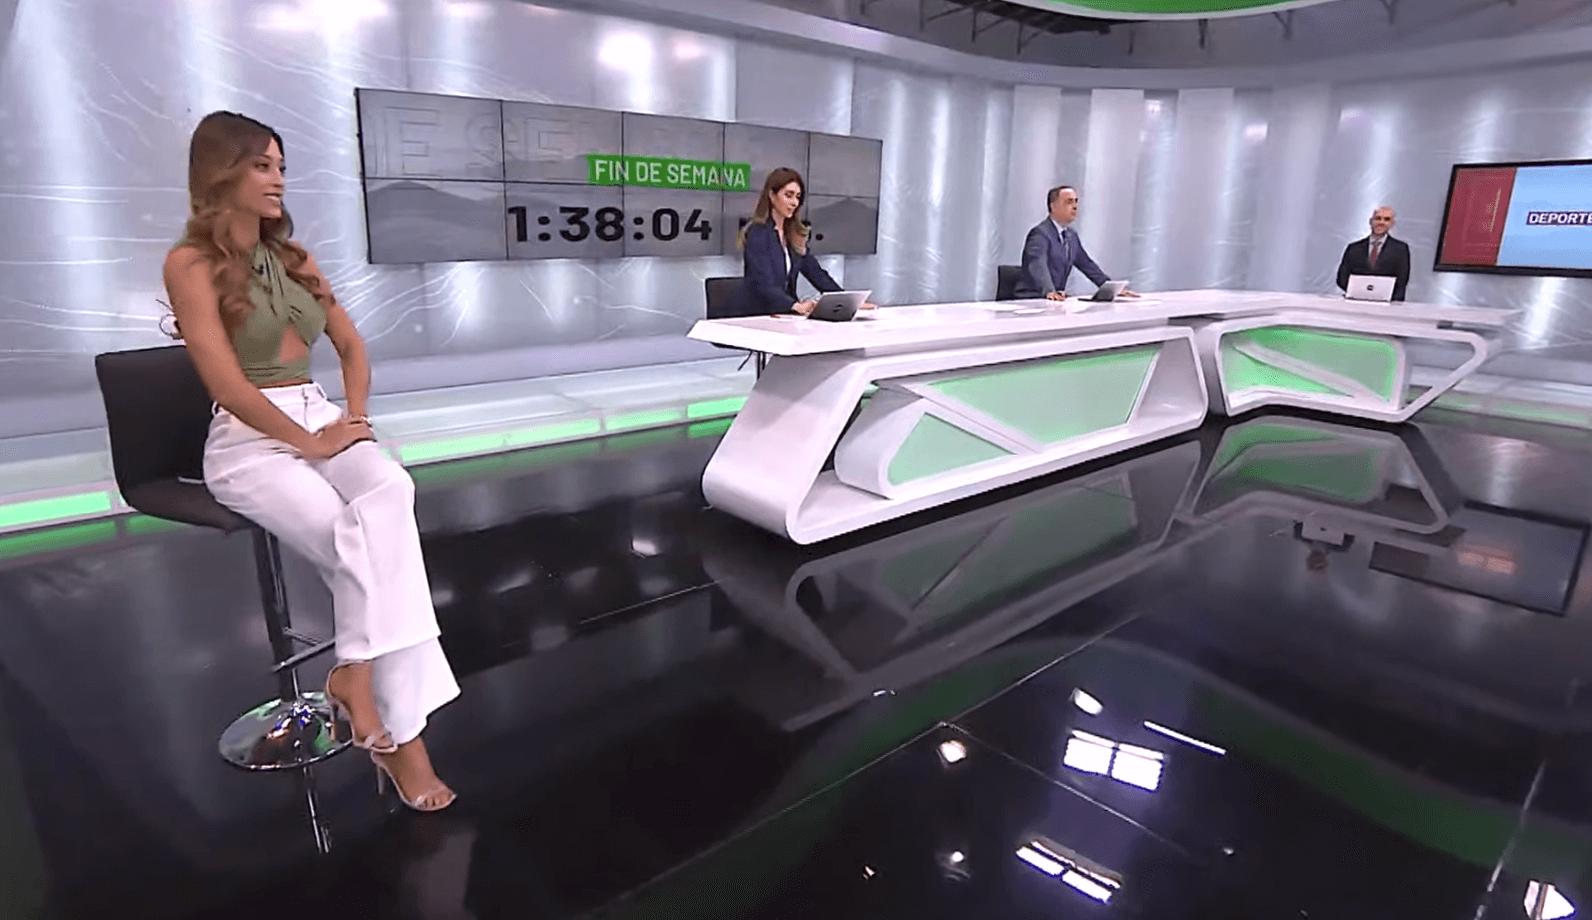 Teleantioquia Noticias - Domingo 20 de junio de 2021 mediodía